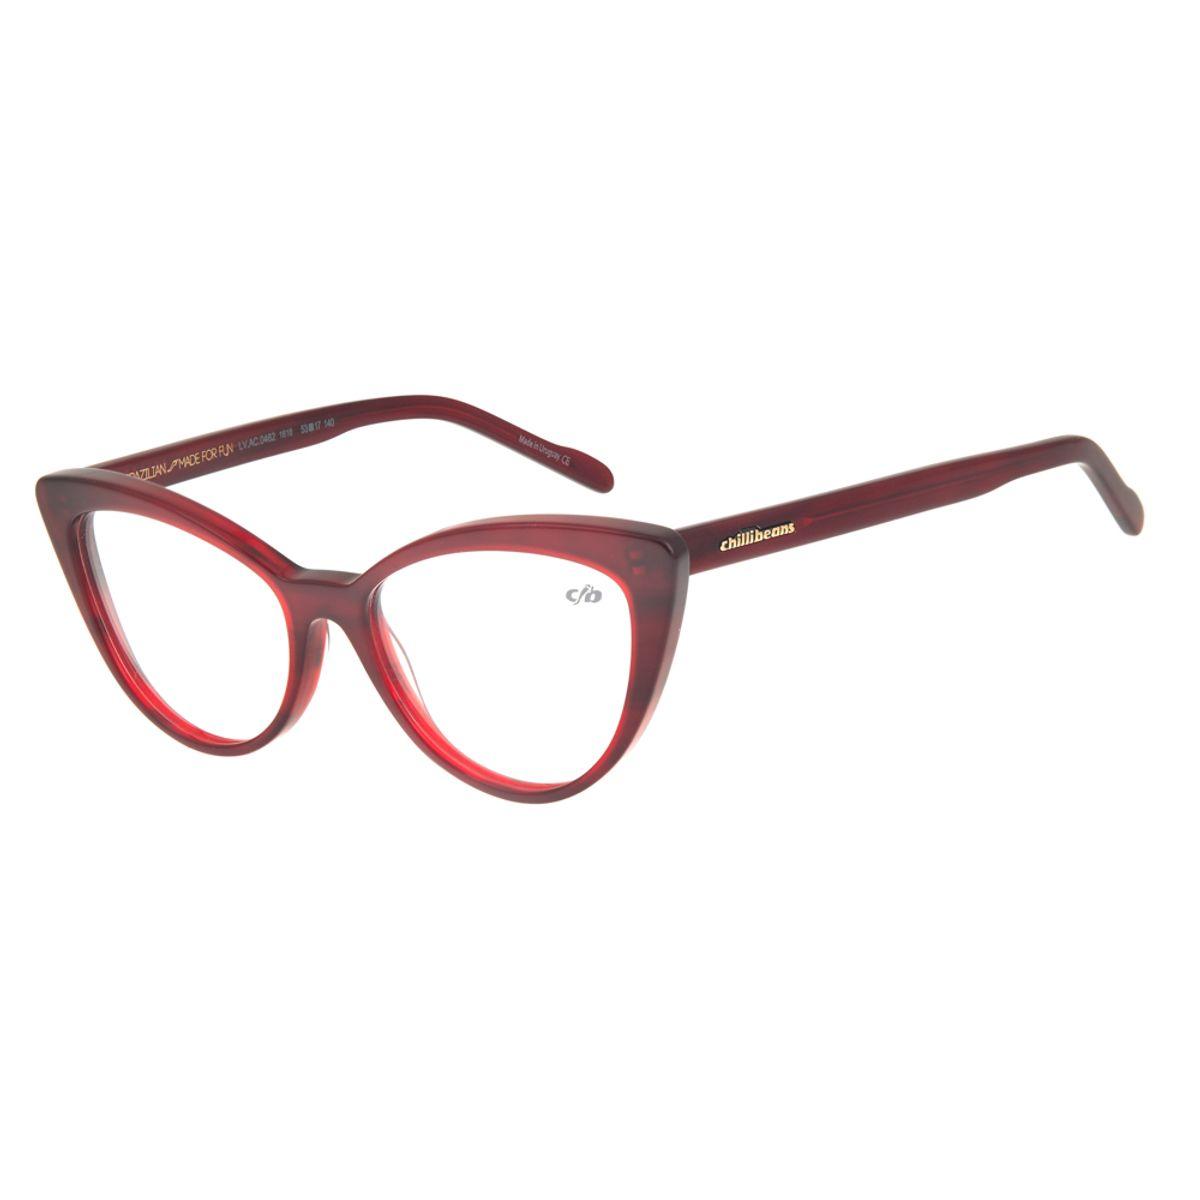 5676fa92b Armação para Óculos de Grau Feminino Chilli Beans Gatinho Vermelho ...